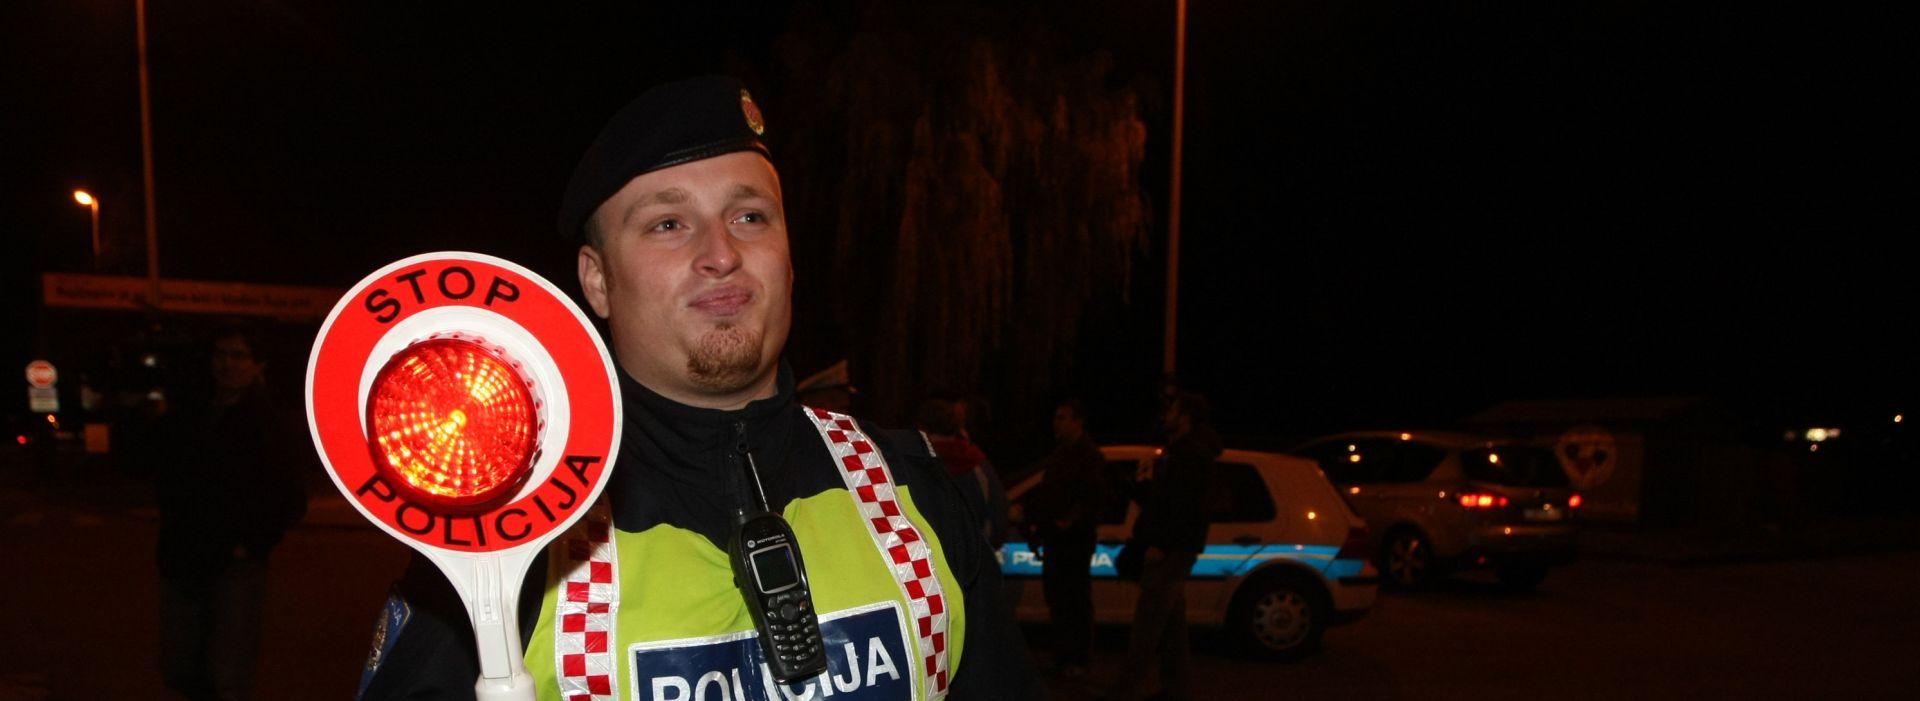 OPREZ: Tijekom vikenda pojačani nadzor prometa u Zagrebu